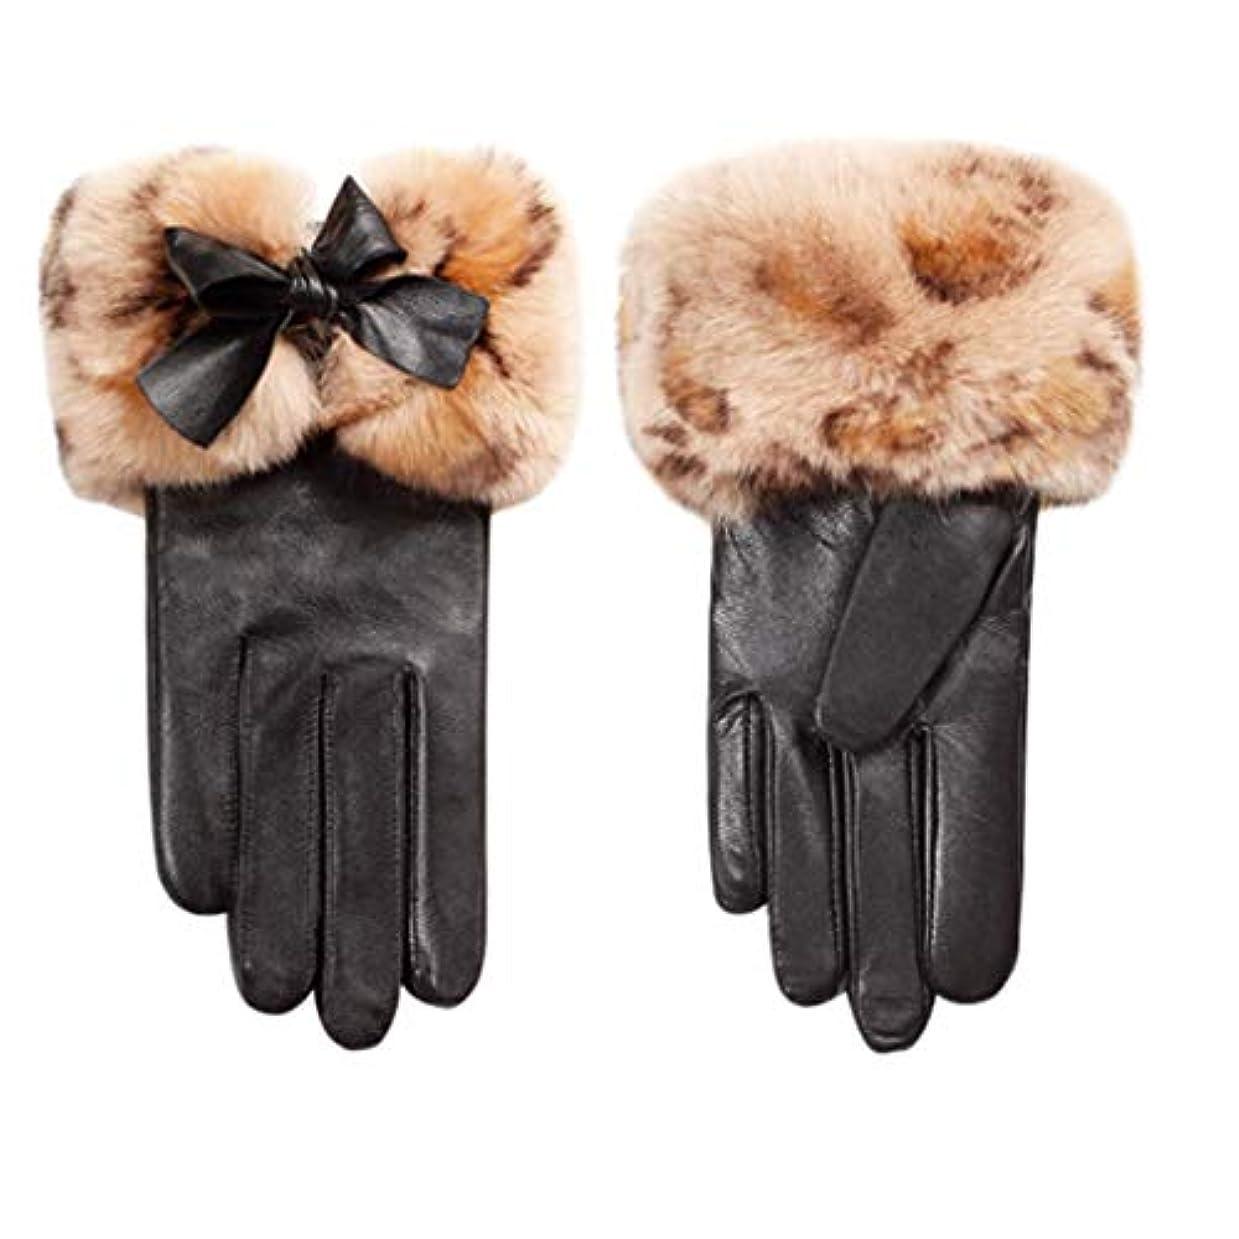 堤防結婚する可聴手袋女性の冬プラスベルベット厚い暖かい韓国のかわいい乗り物運転屋外防風レディース革手袋N2E8X81452黒M